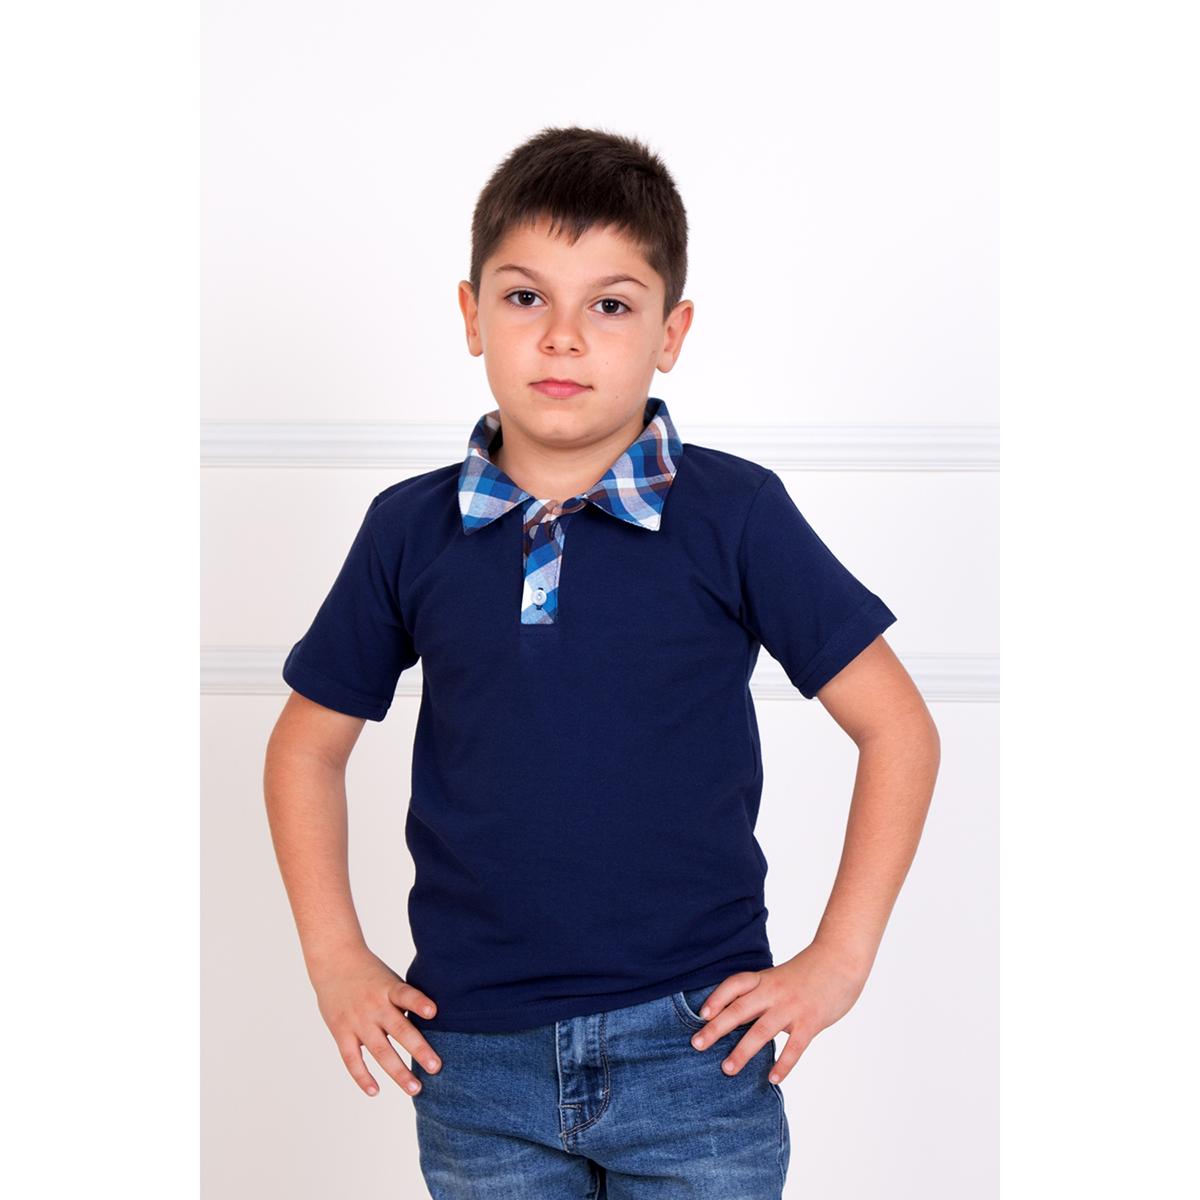 Детская футболка-поло Лаки Синий, размер 28Футболки и майки<br><br><br>Тип: Дет. футболка<br>Размер: 28<br>Материал: Пике